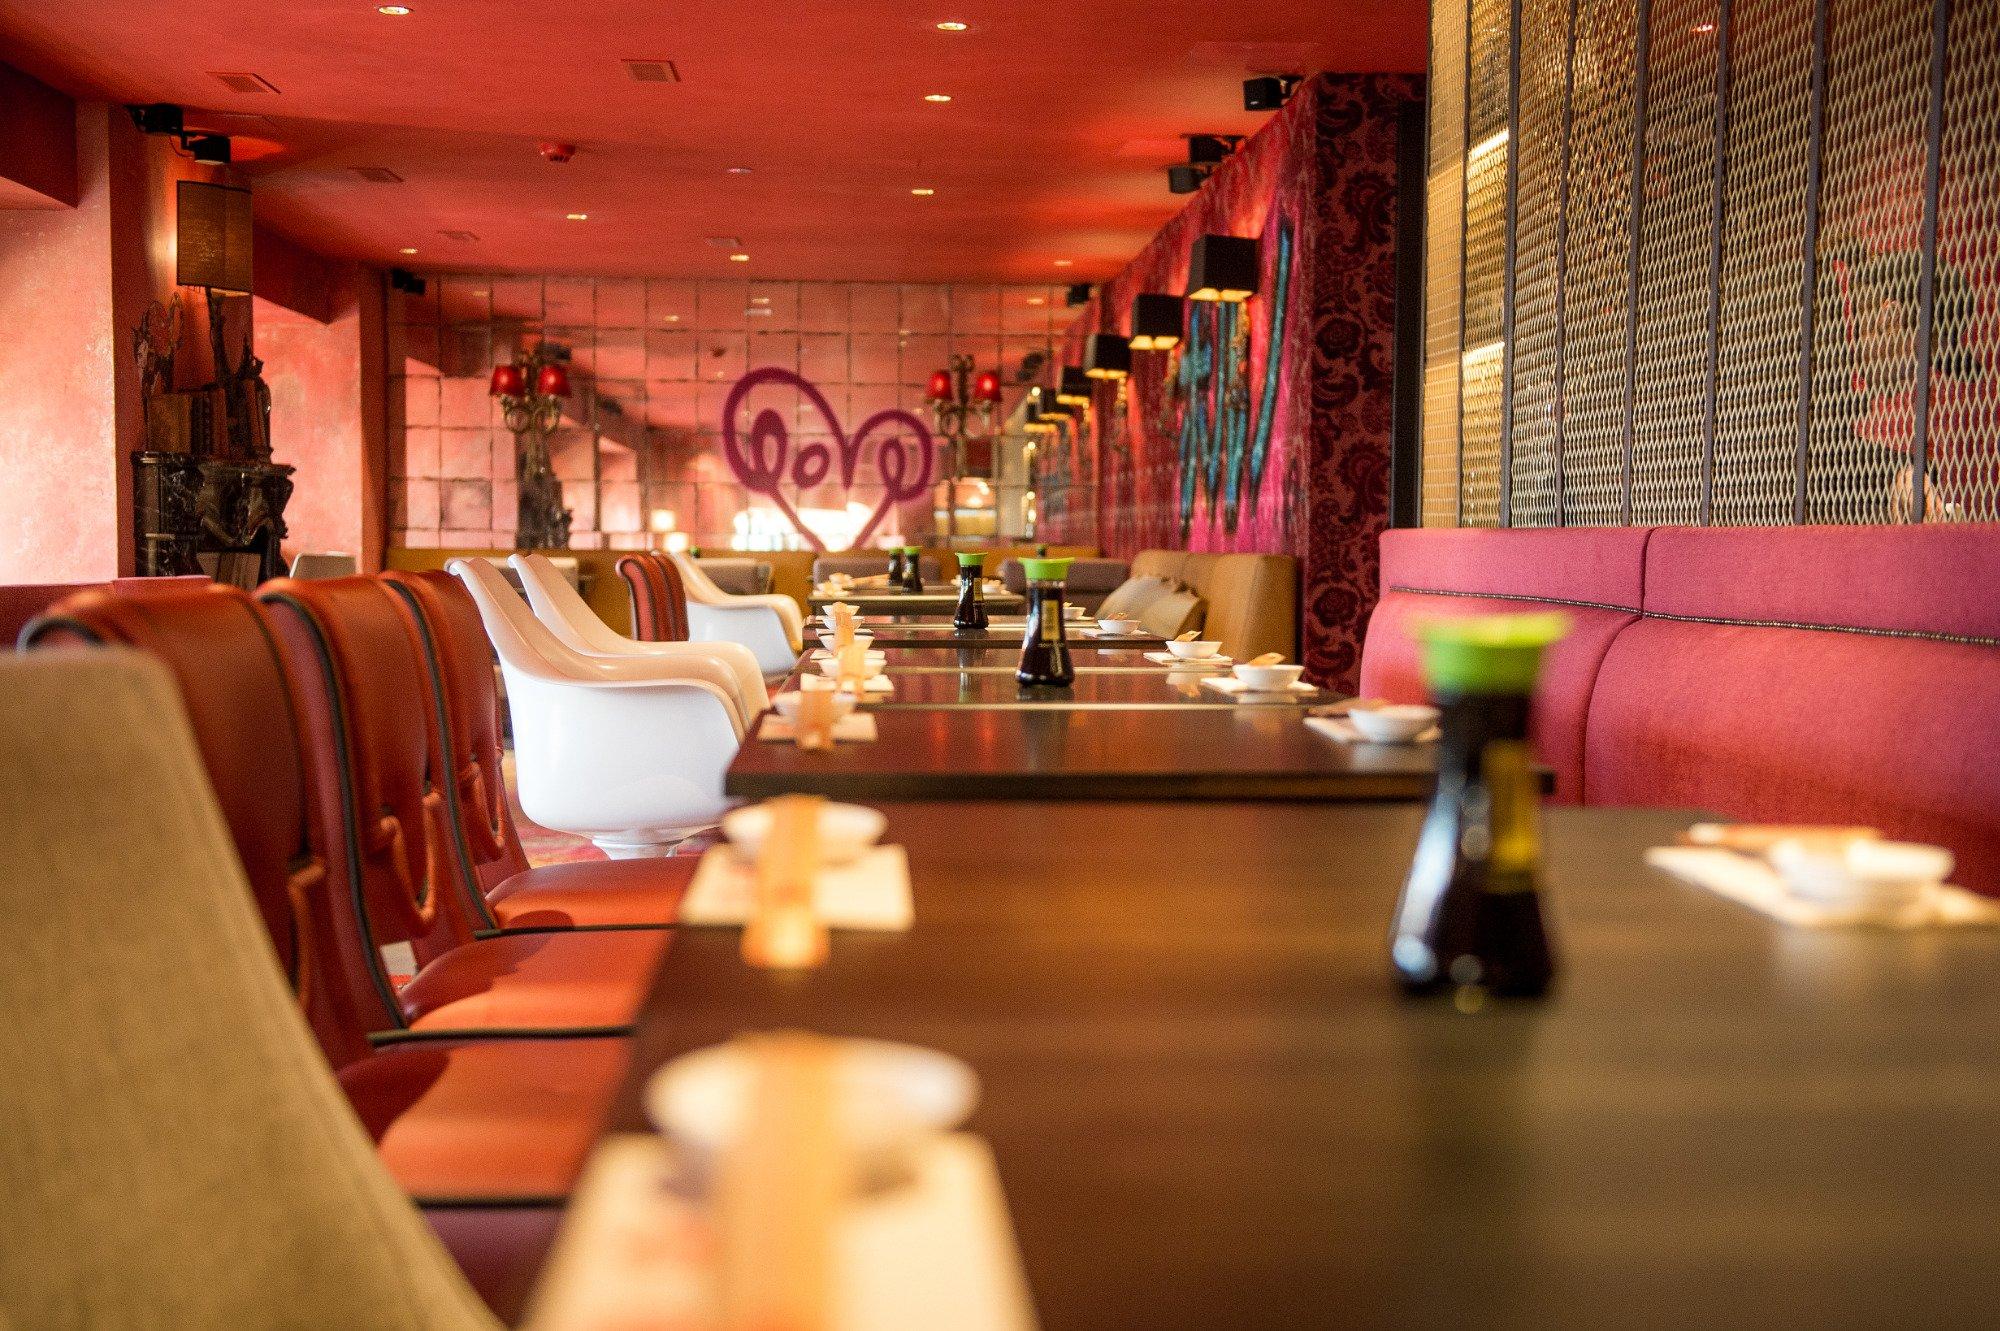 negishi pilatusstrasse, lucerne - restaurant reviews, phone number